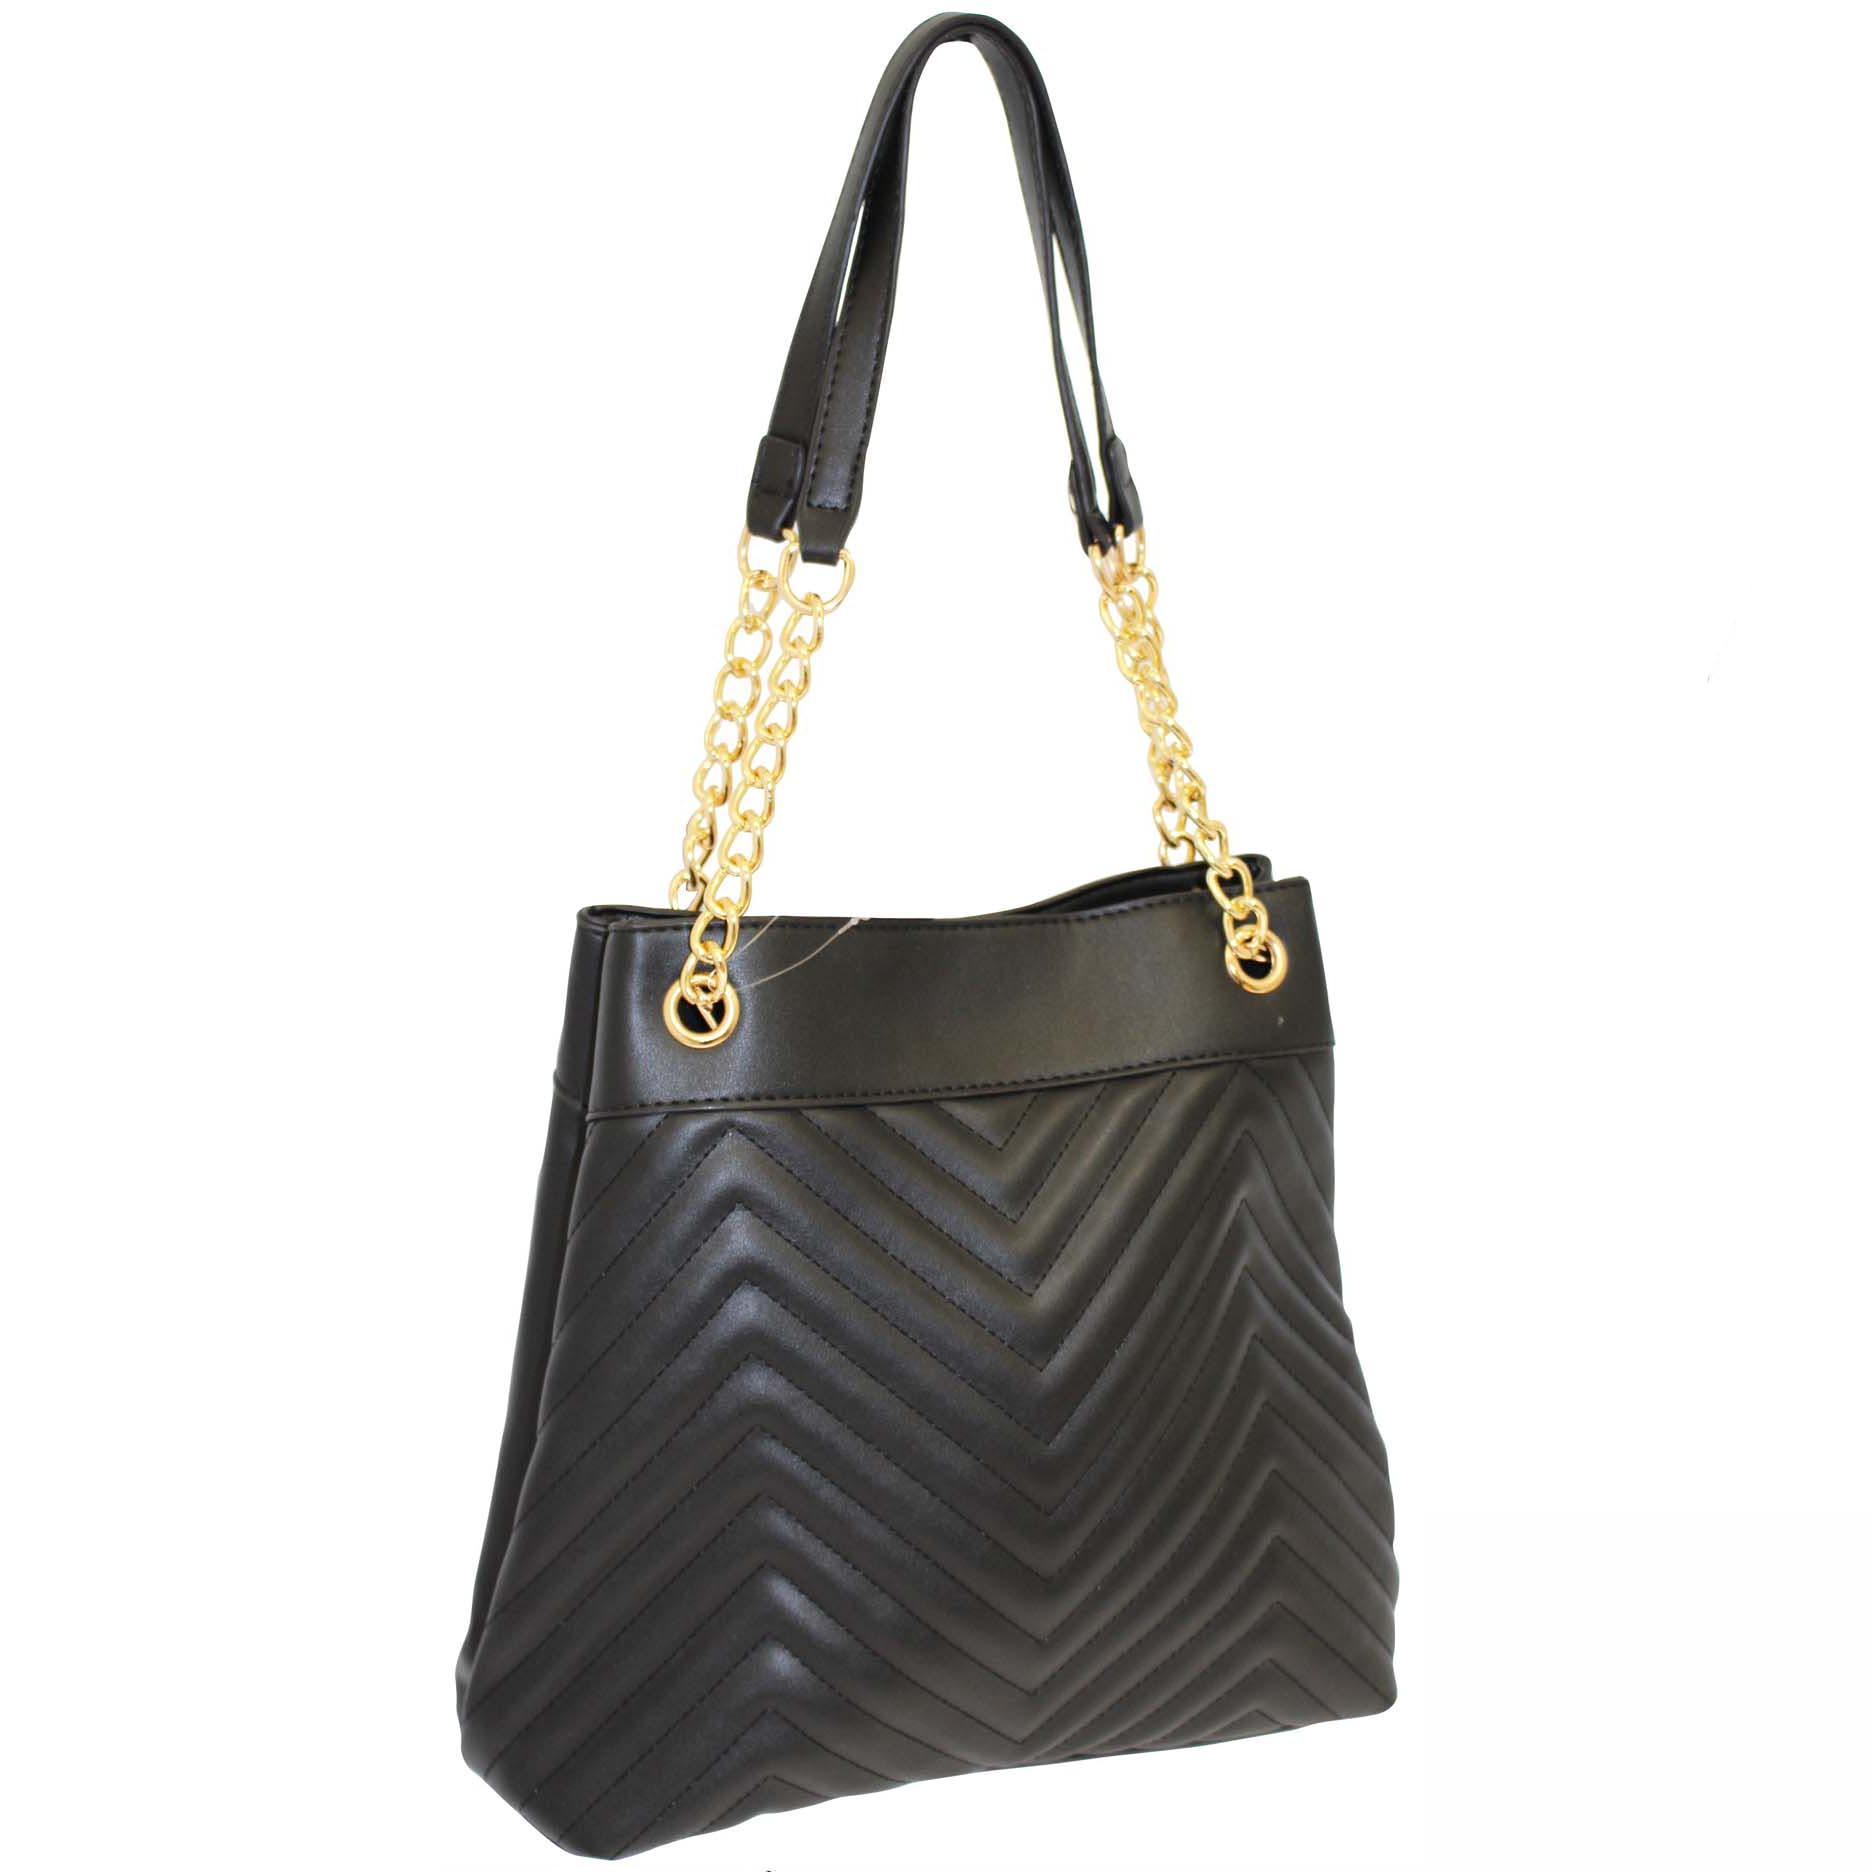 269 Black - Zip Top Quilted Handbag ~ BAGZONE